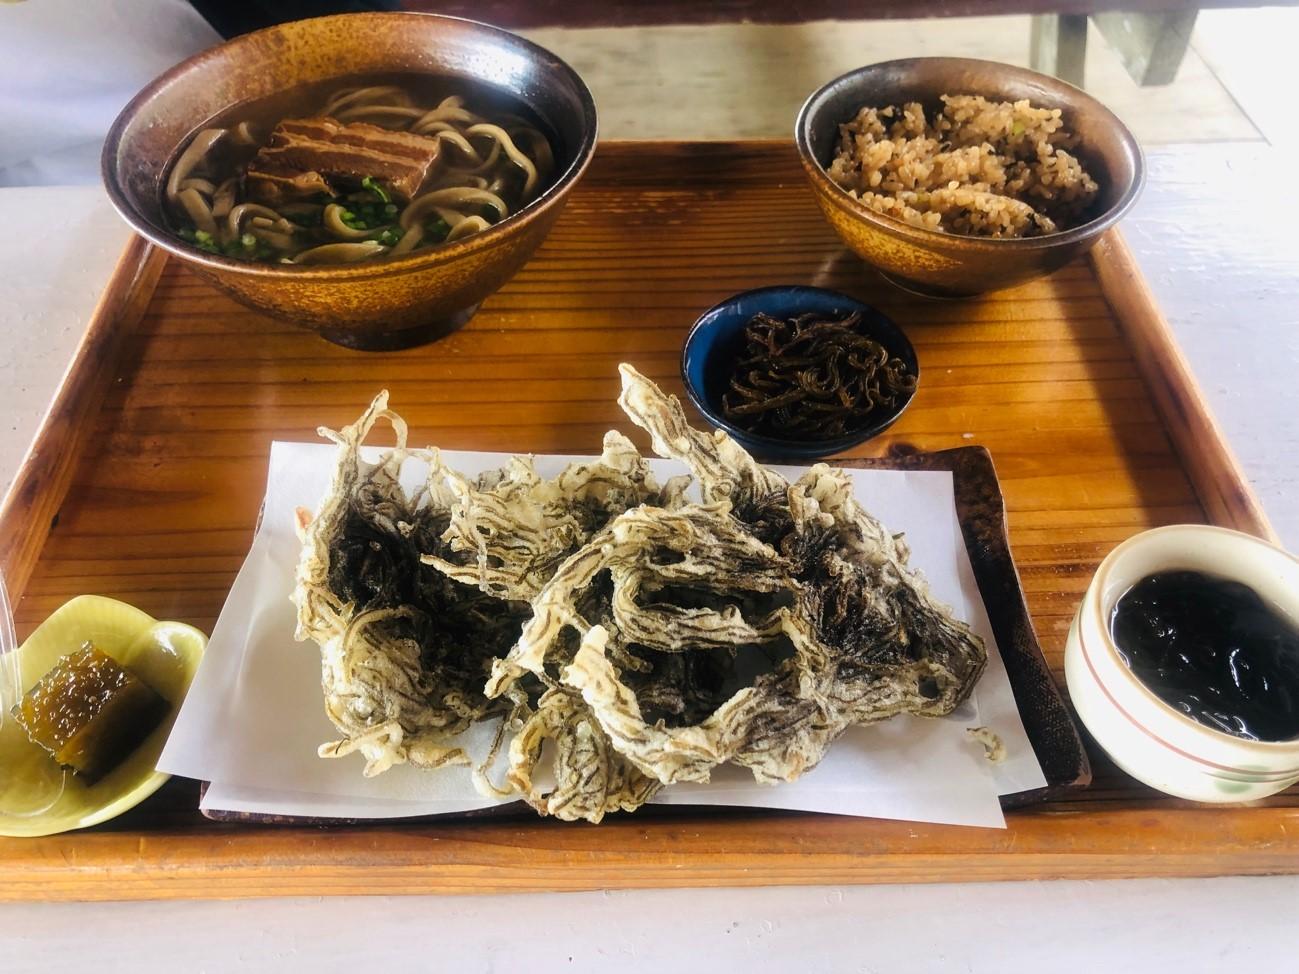 奥武島「もずくそばの店 くんなとぅ」の沖縄そば、もずく天ぷら、じゅーしい、もずく、もずくゼリー